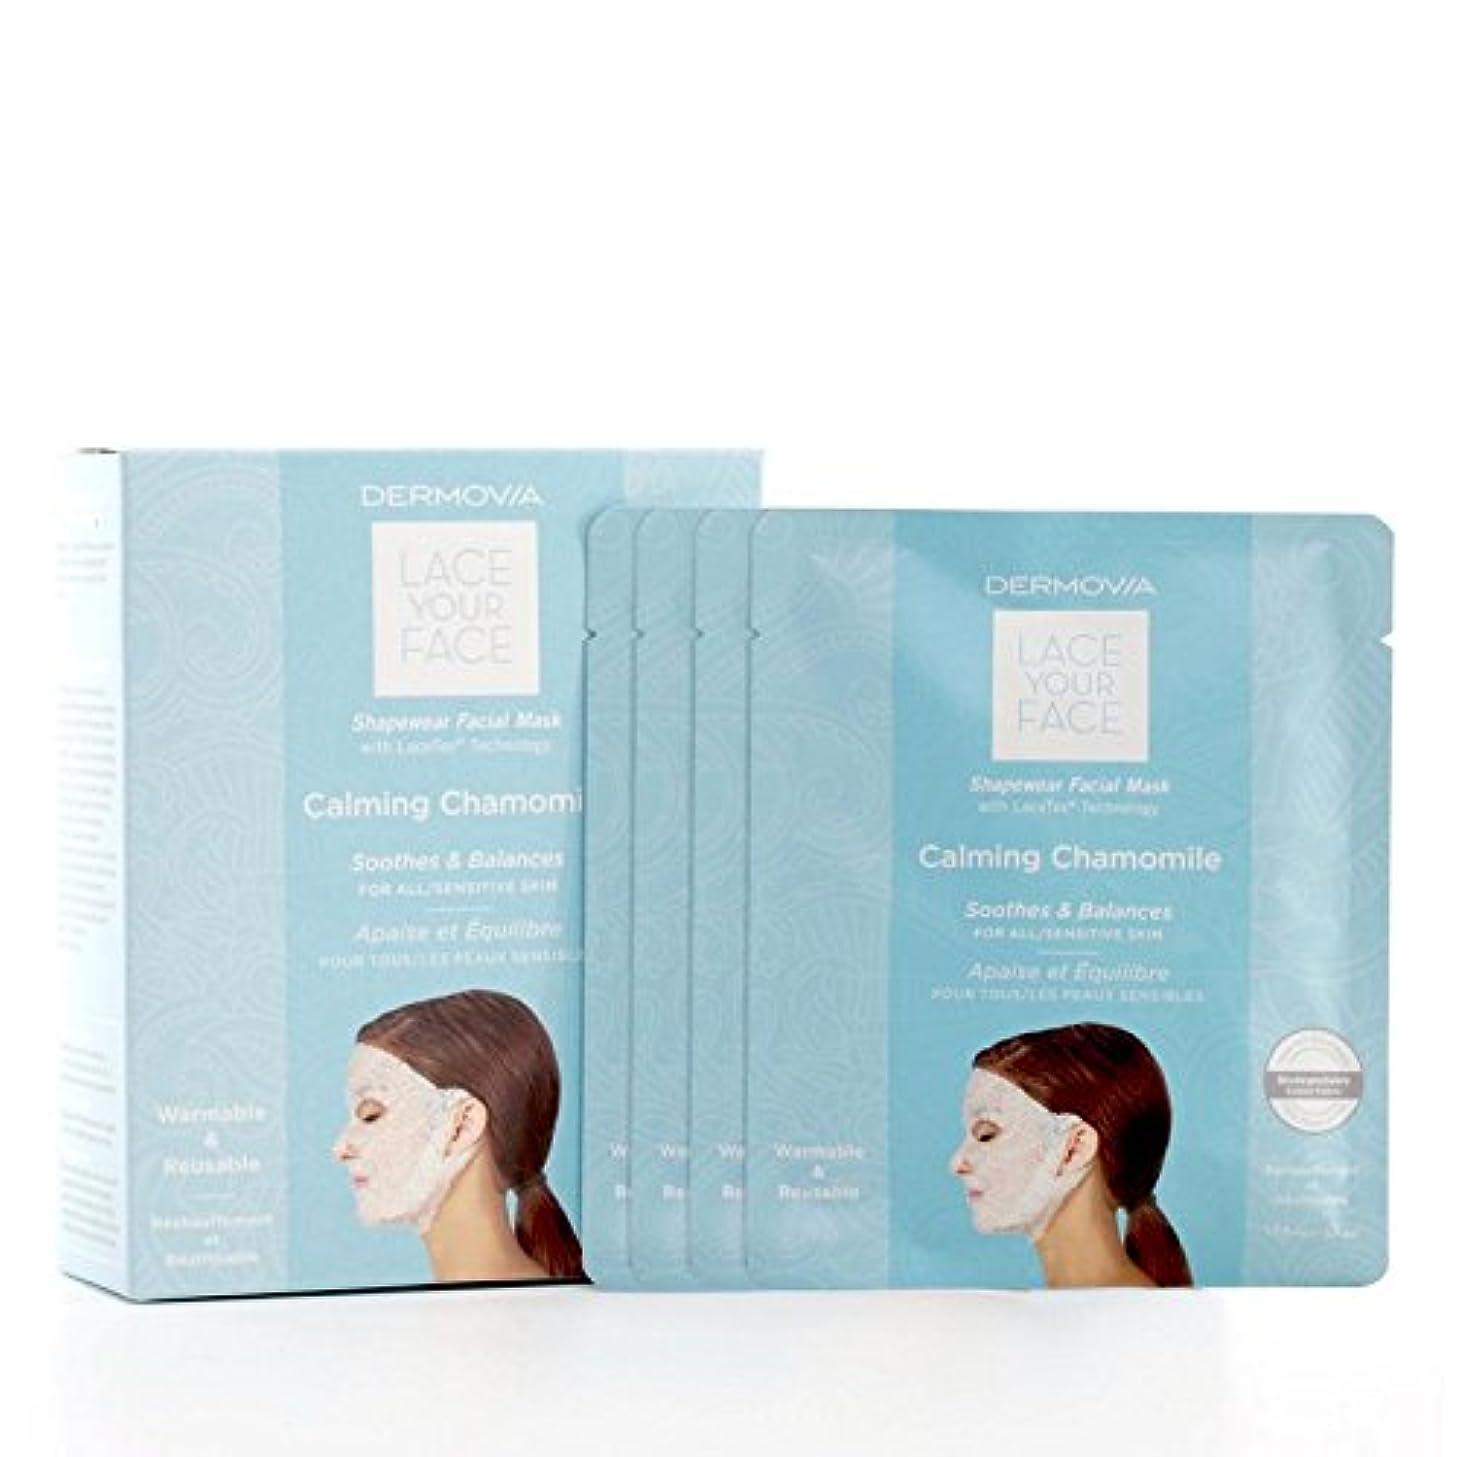 血統ええお父さんは、あなたの顔の圧縮フェイシャルマスク心を落ち着かせるカモミールをひもで締めます x2 - Dermovia Lace Your Face Compression Facial Mask Calming Chamomile...